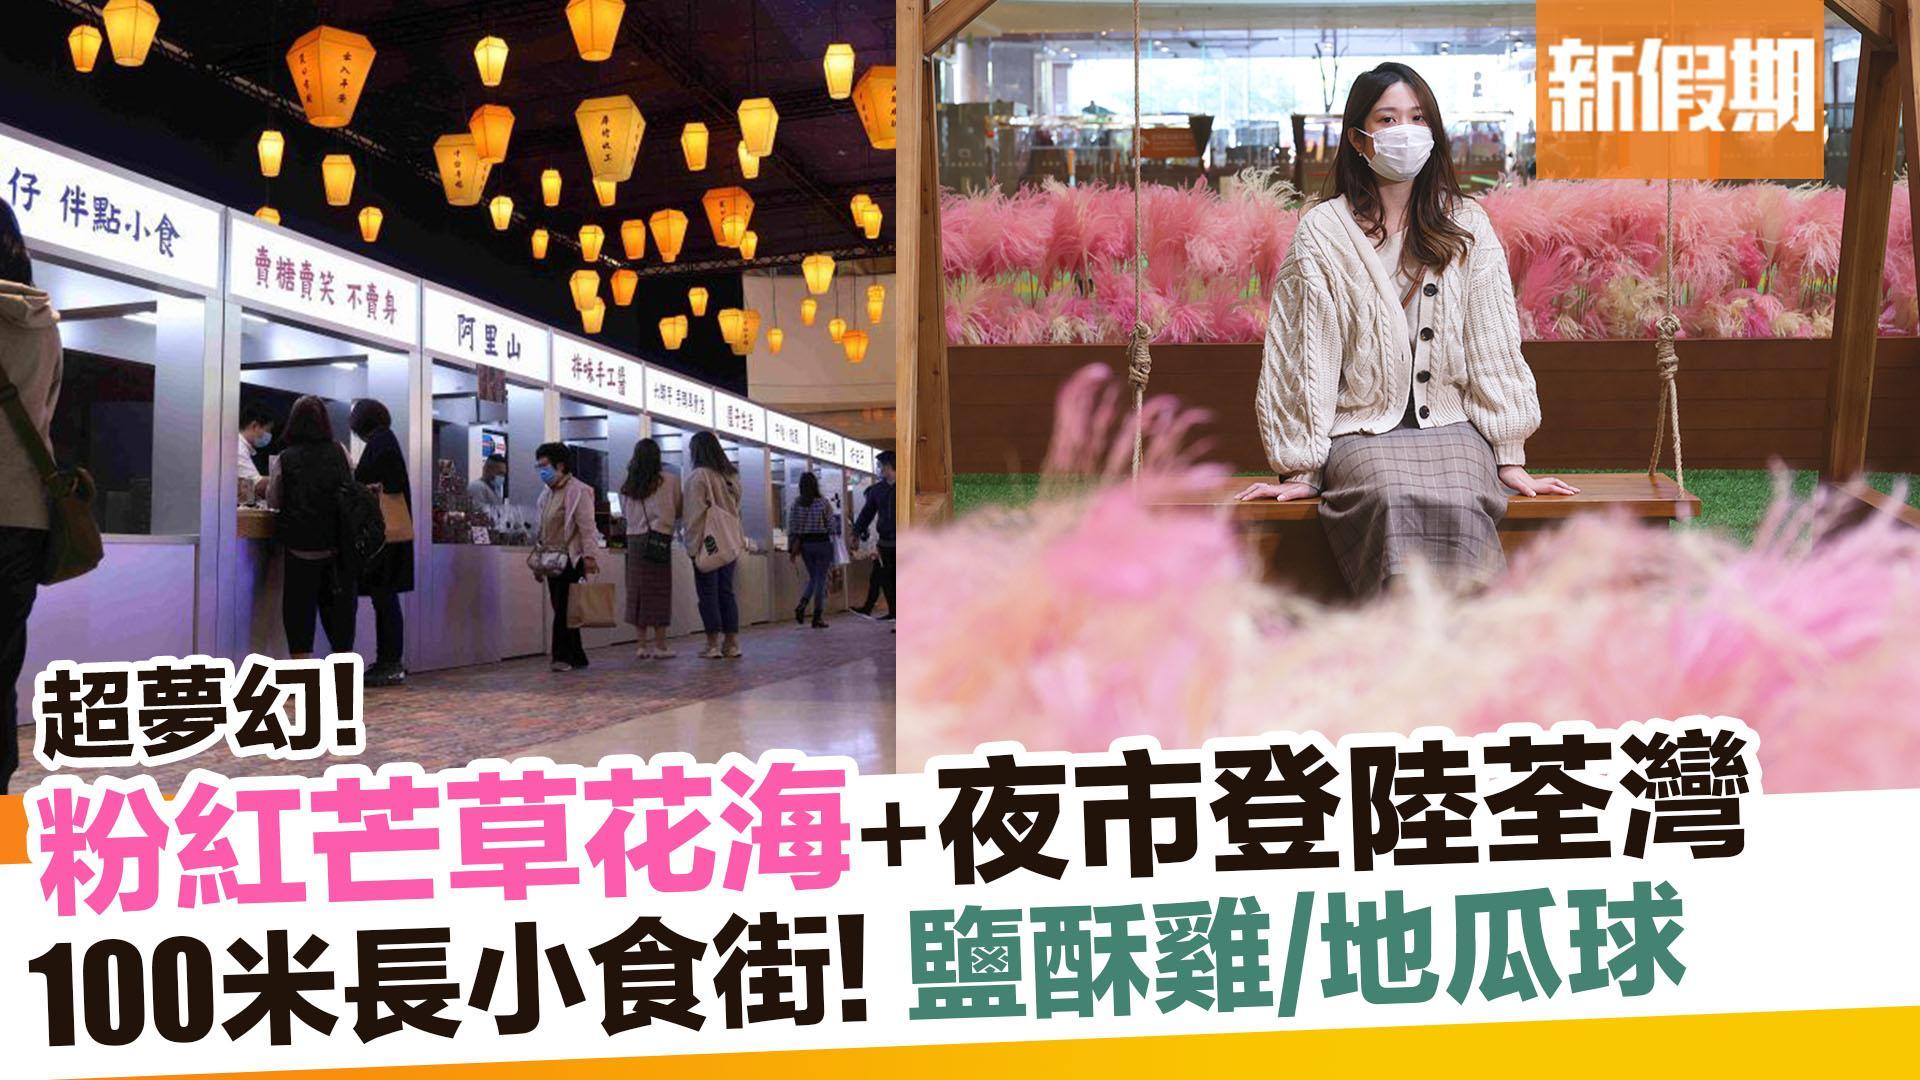 【香港好去區】荃灣再開十分天燈夜市+粉紅芒草園!|新假期